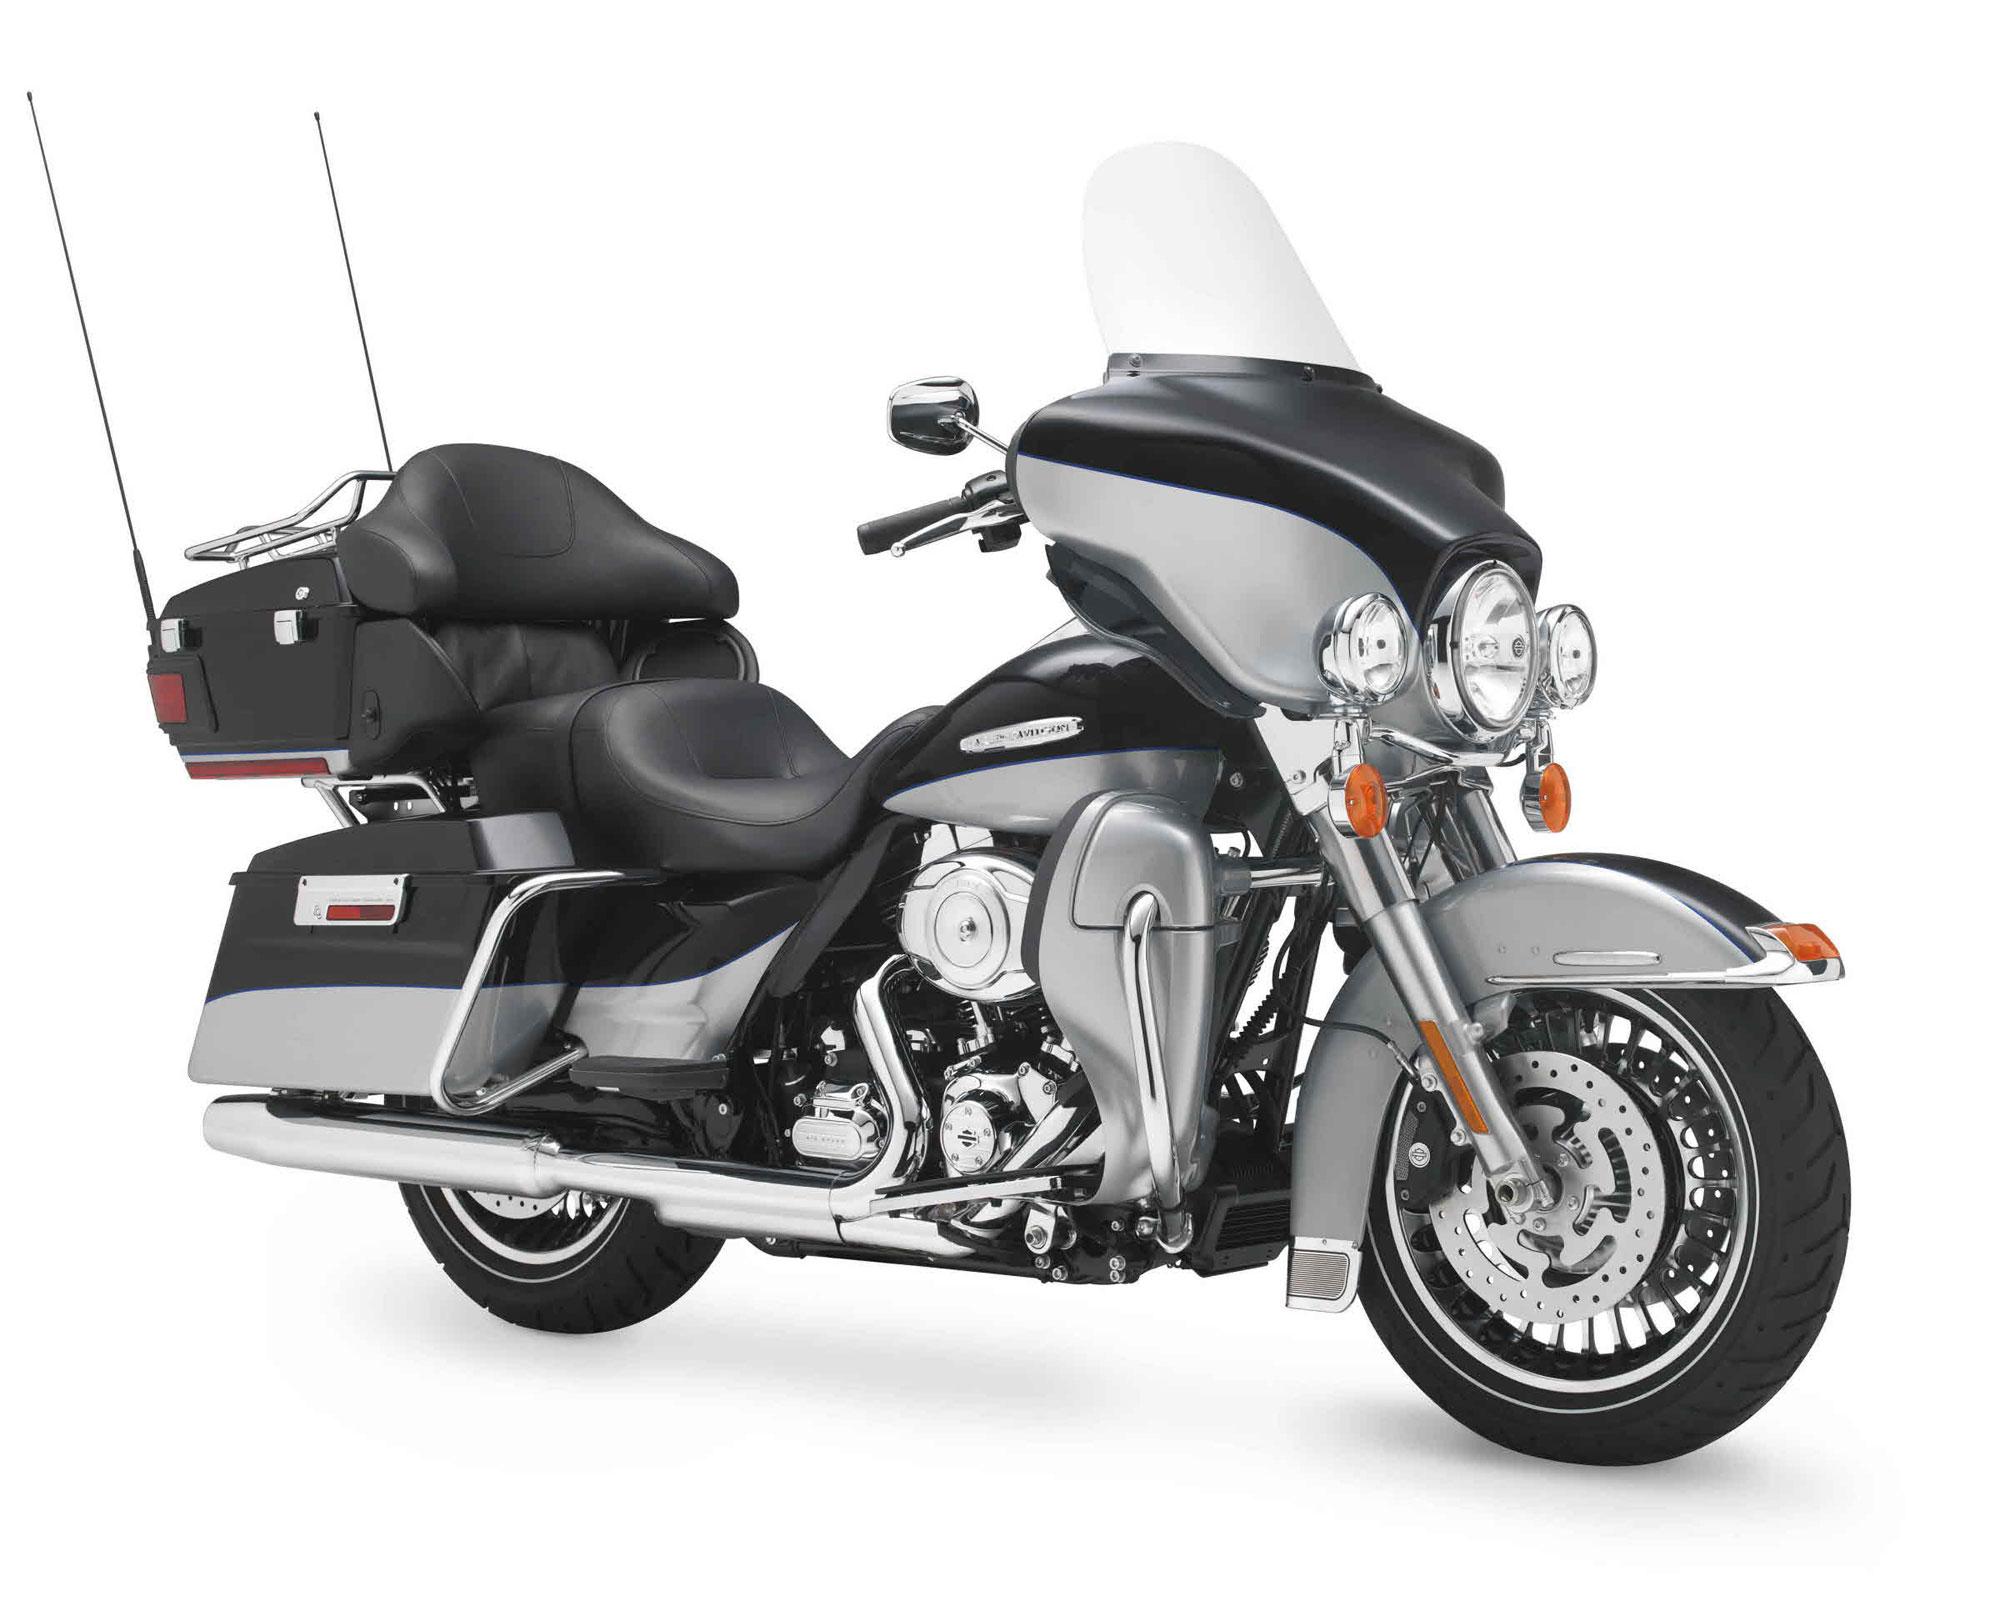 Harley Davidson Electra Glide Ultra Limited 2017